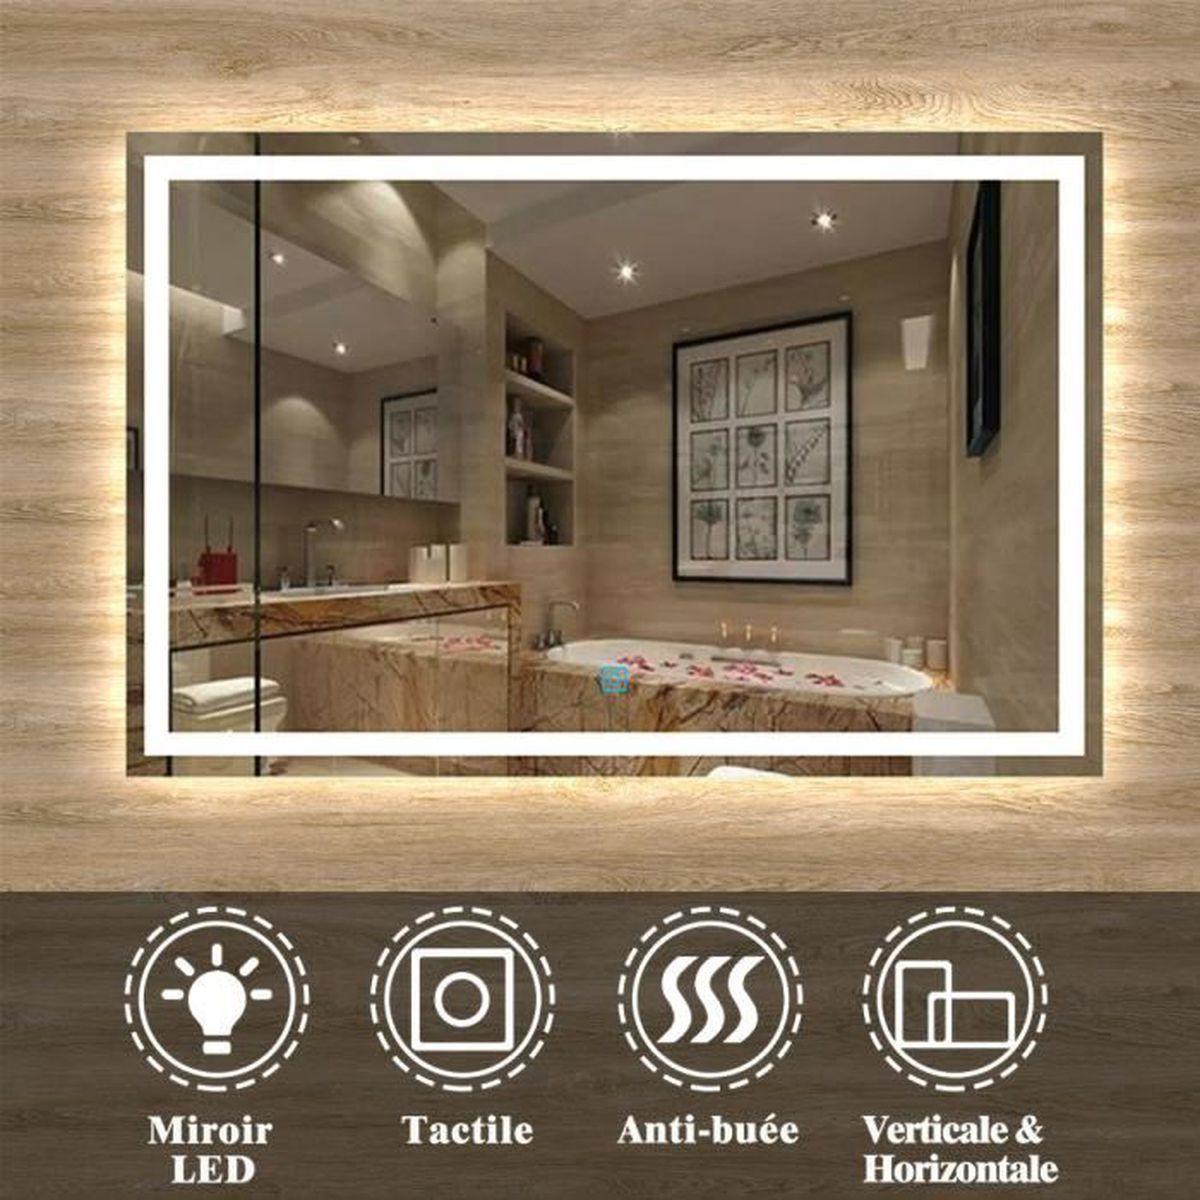 Miroir LED anti-buée 17x17cm miroir de salle de bain - Achat